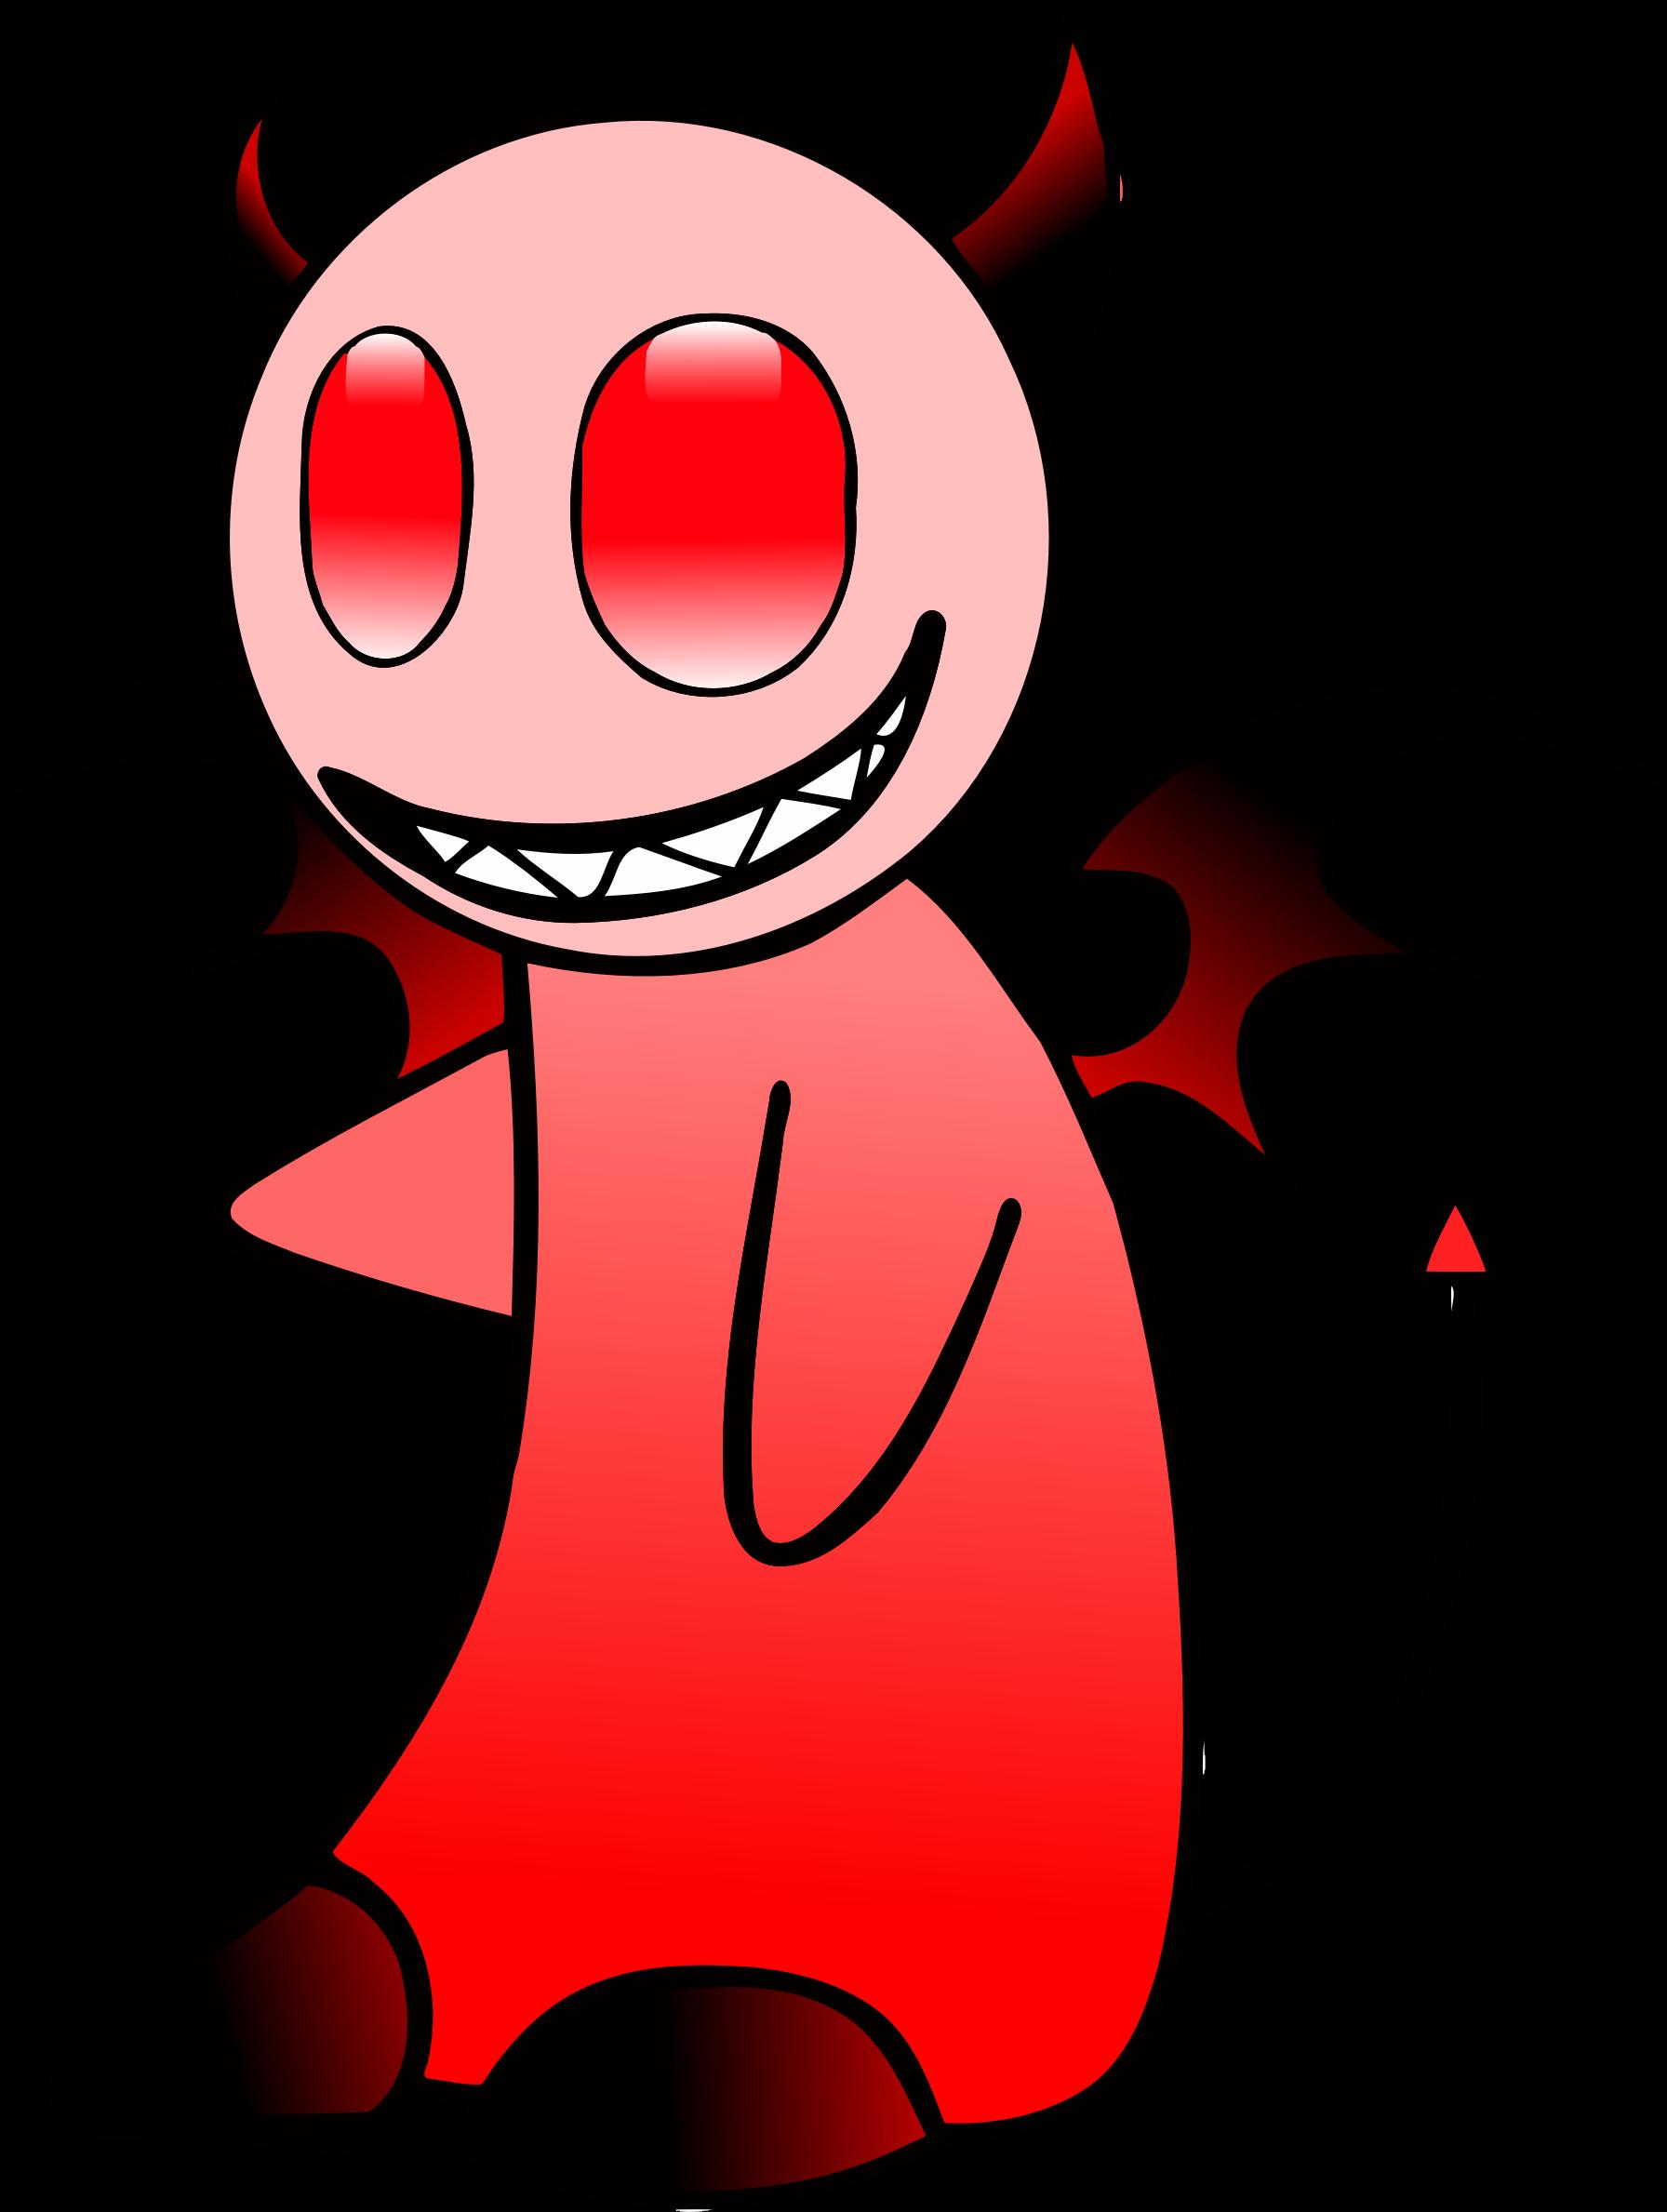 Big image png. Devil clipart smile